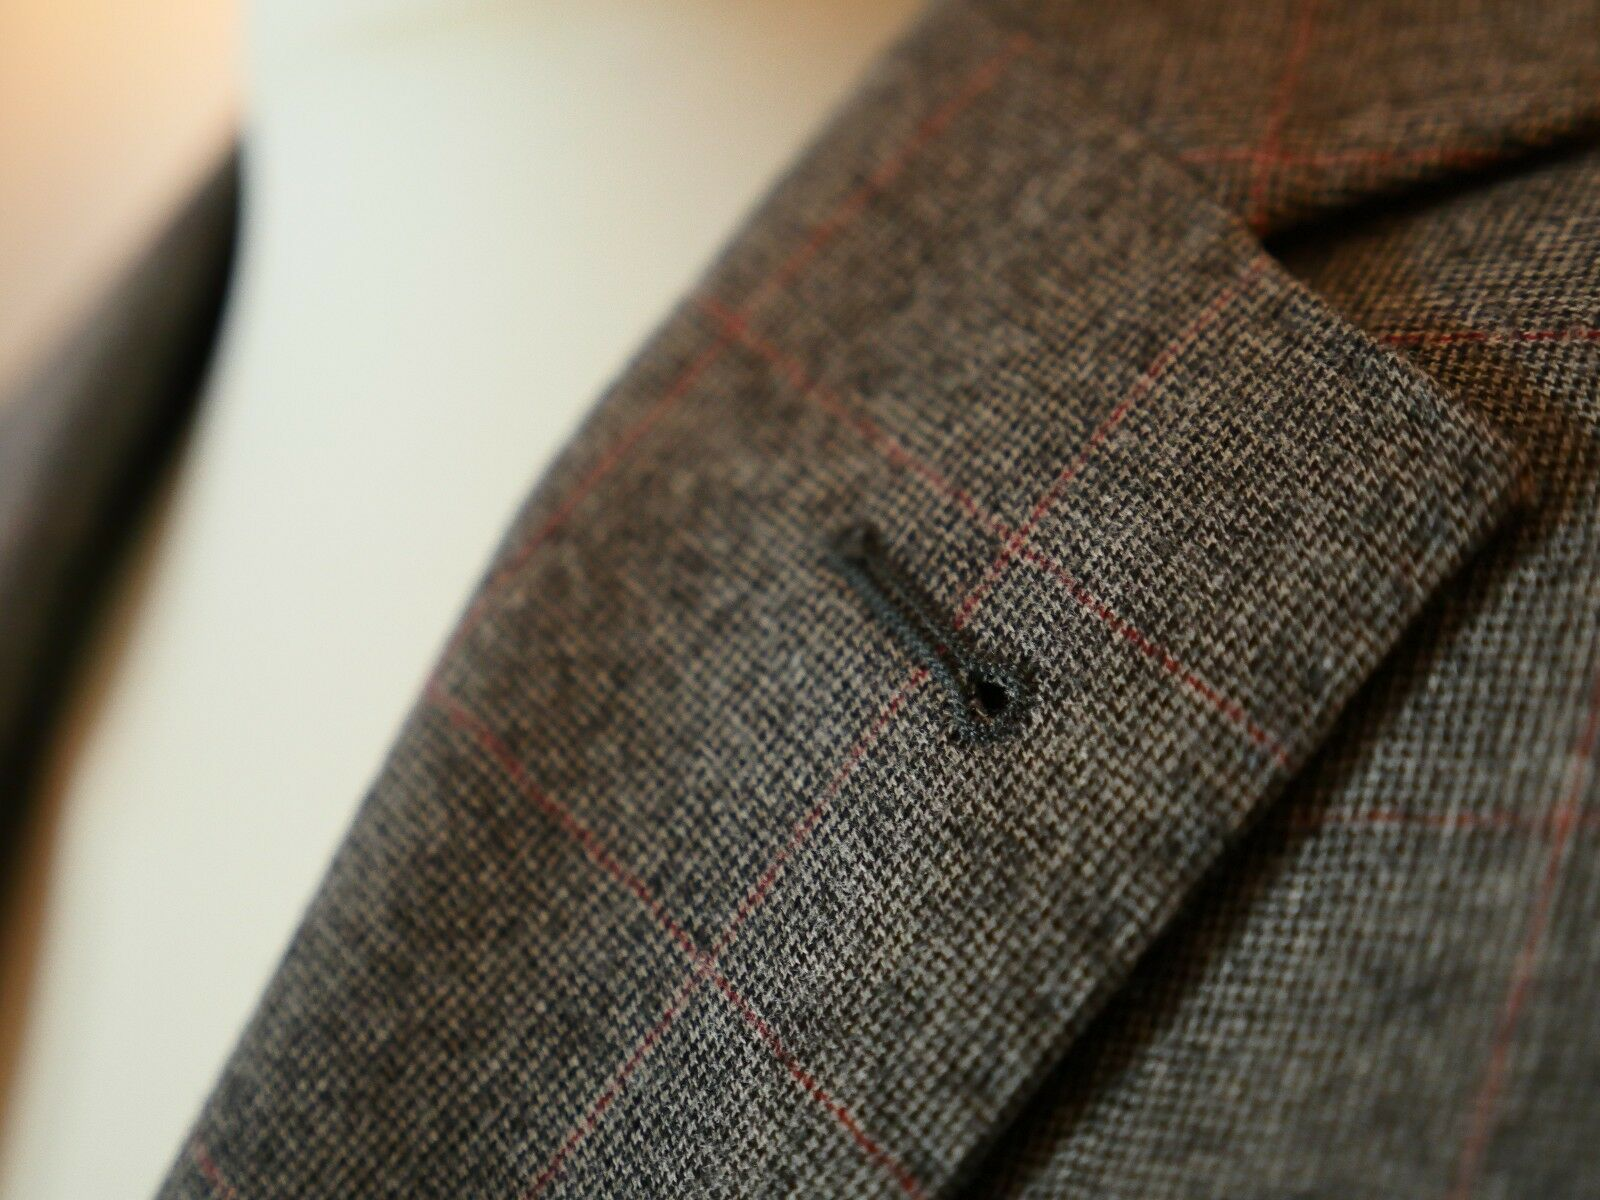 c0dd39742 Schurwolle Anzug Woven in Napoli 100% Schurwolle Größe 48 48 48 1c0b68